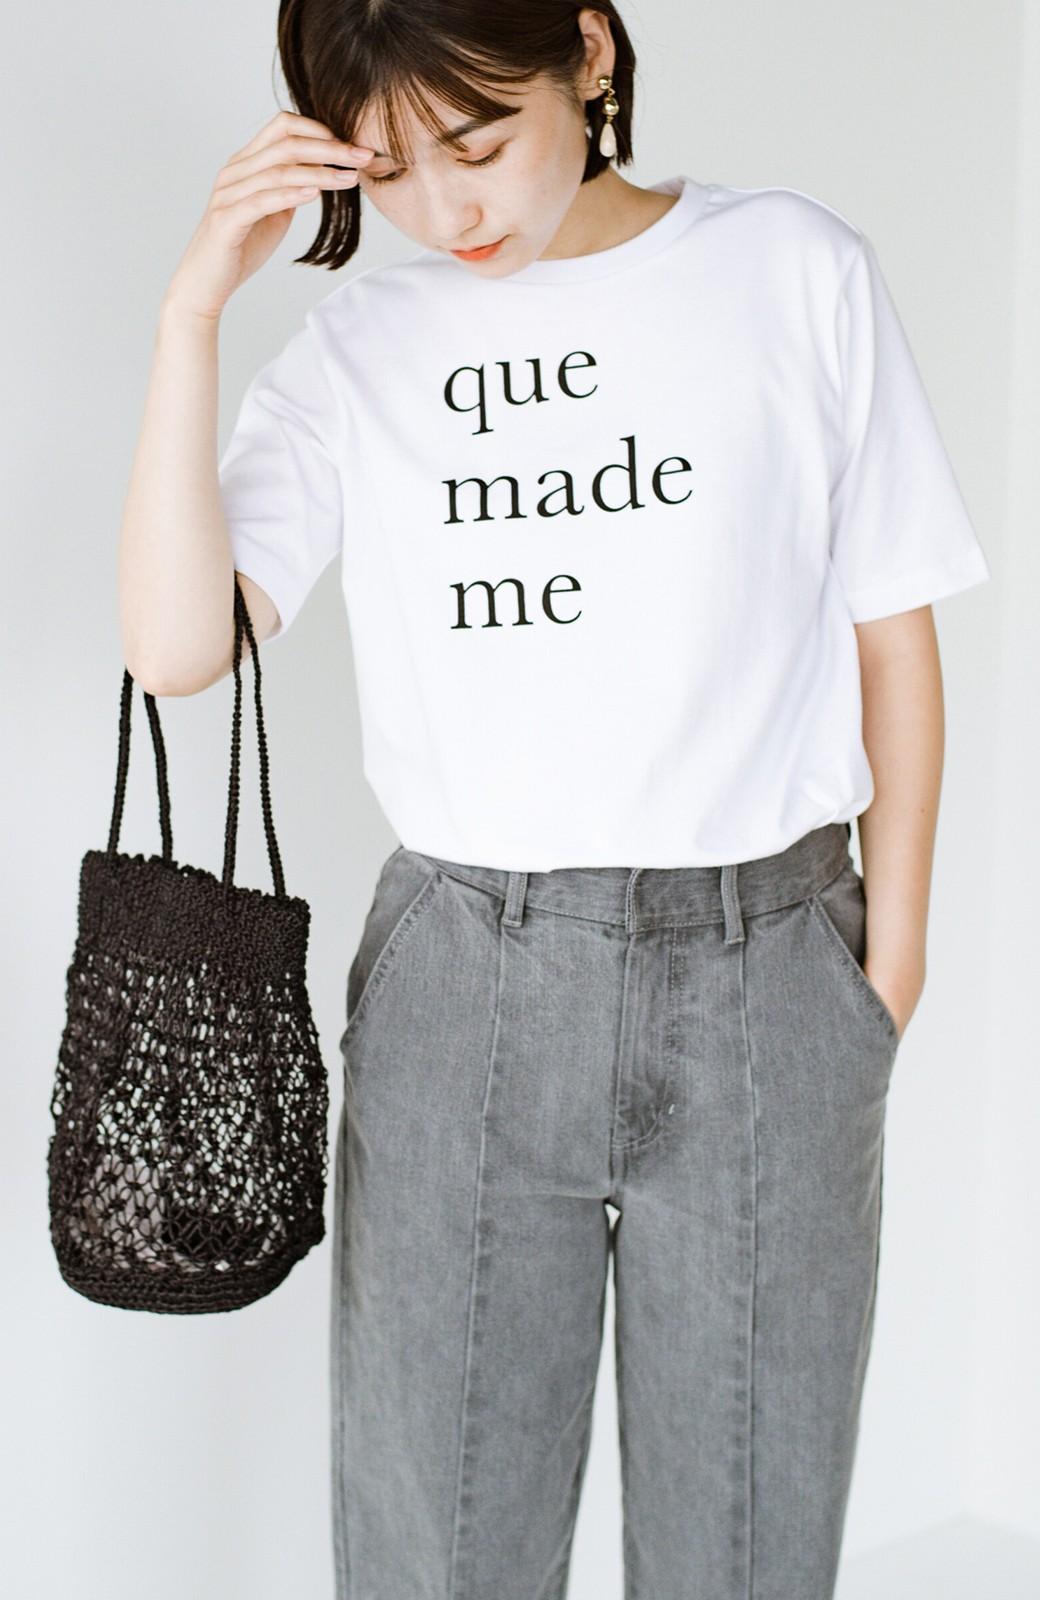 haco! 時間のない朝にもパッと出かけられる!元気が出るきれい色スカートにちょうどいいロゴTシャツを合わせておいた作り置きコーデセット by que made me <その他>の商品写真11